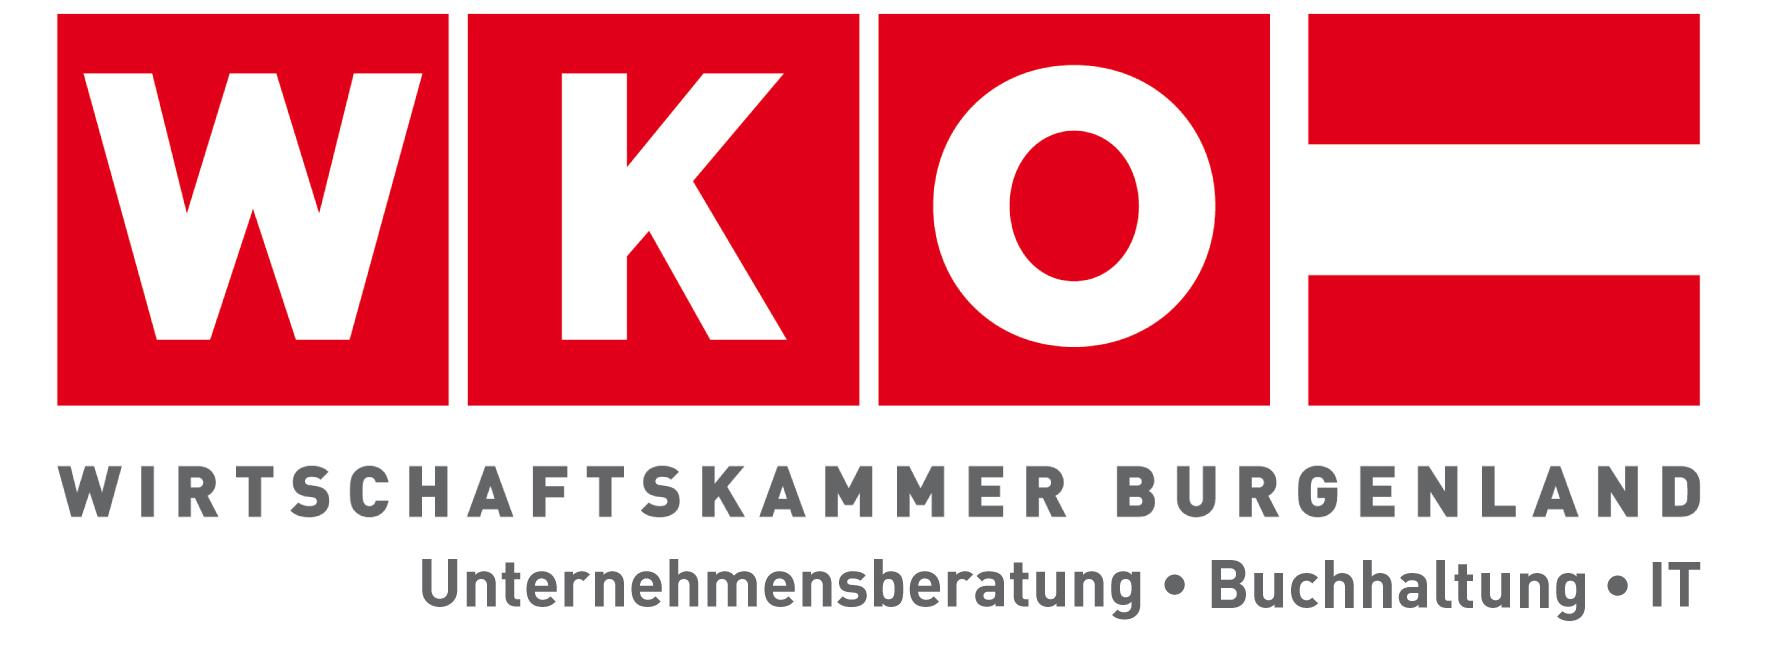 Wirtschaftskammer Burgenland - UBIT